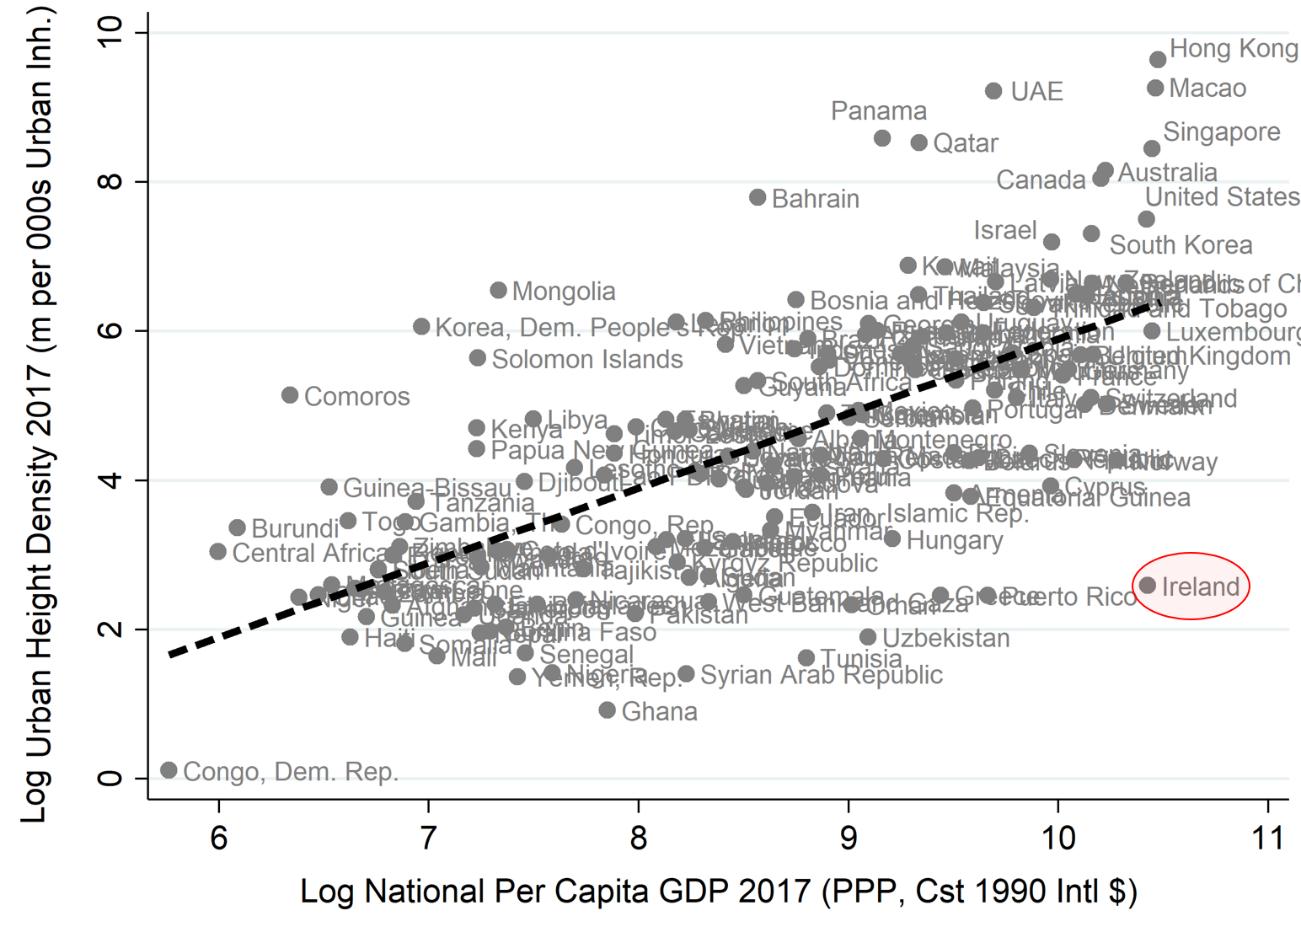 Alturas versus PIB. Este gráfico mostra a altura total de edifícios altos de um país por mil residentes urbanos em comparação com seu produto interno bruto (em escalas logísticas). Dado o PIB relativamente grande da Irlanda, ela tem menos prédios altos do que o esperado. A linha fornece a intensidade da altura média de um edifício em altura para cada nível de PIB.